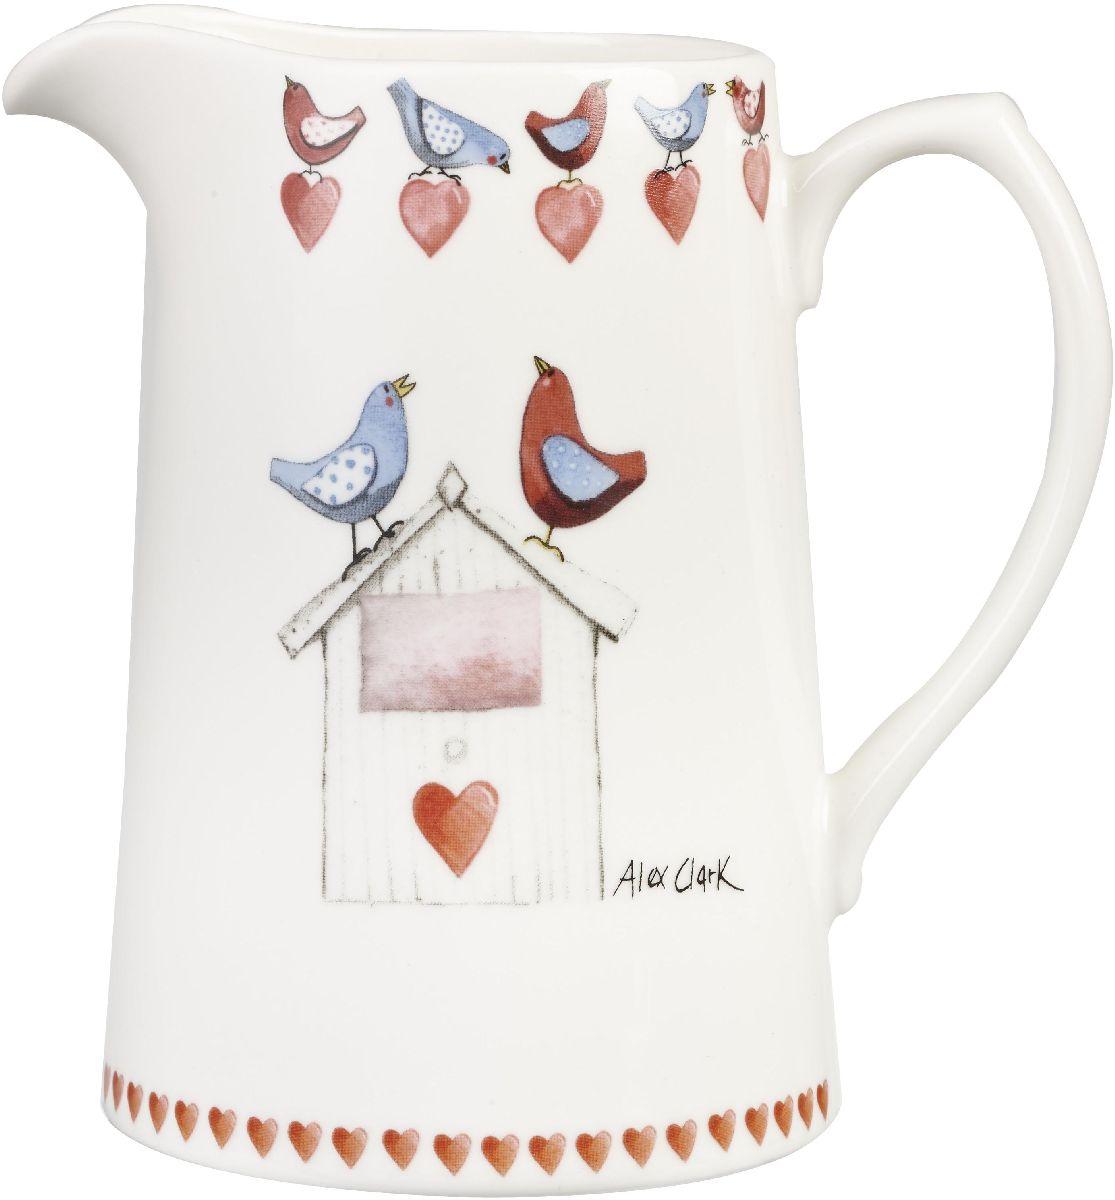 Кувшин Churchill, 750 млACLB00251Коллекция Птички - уникальное сочетание живой природы и прекрасные воспоминания из детства. Легкий и простой дизайн с пастельными красками идеально подойдет для любой кухни.